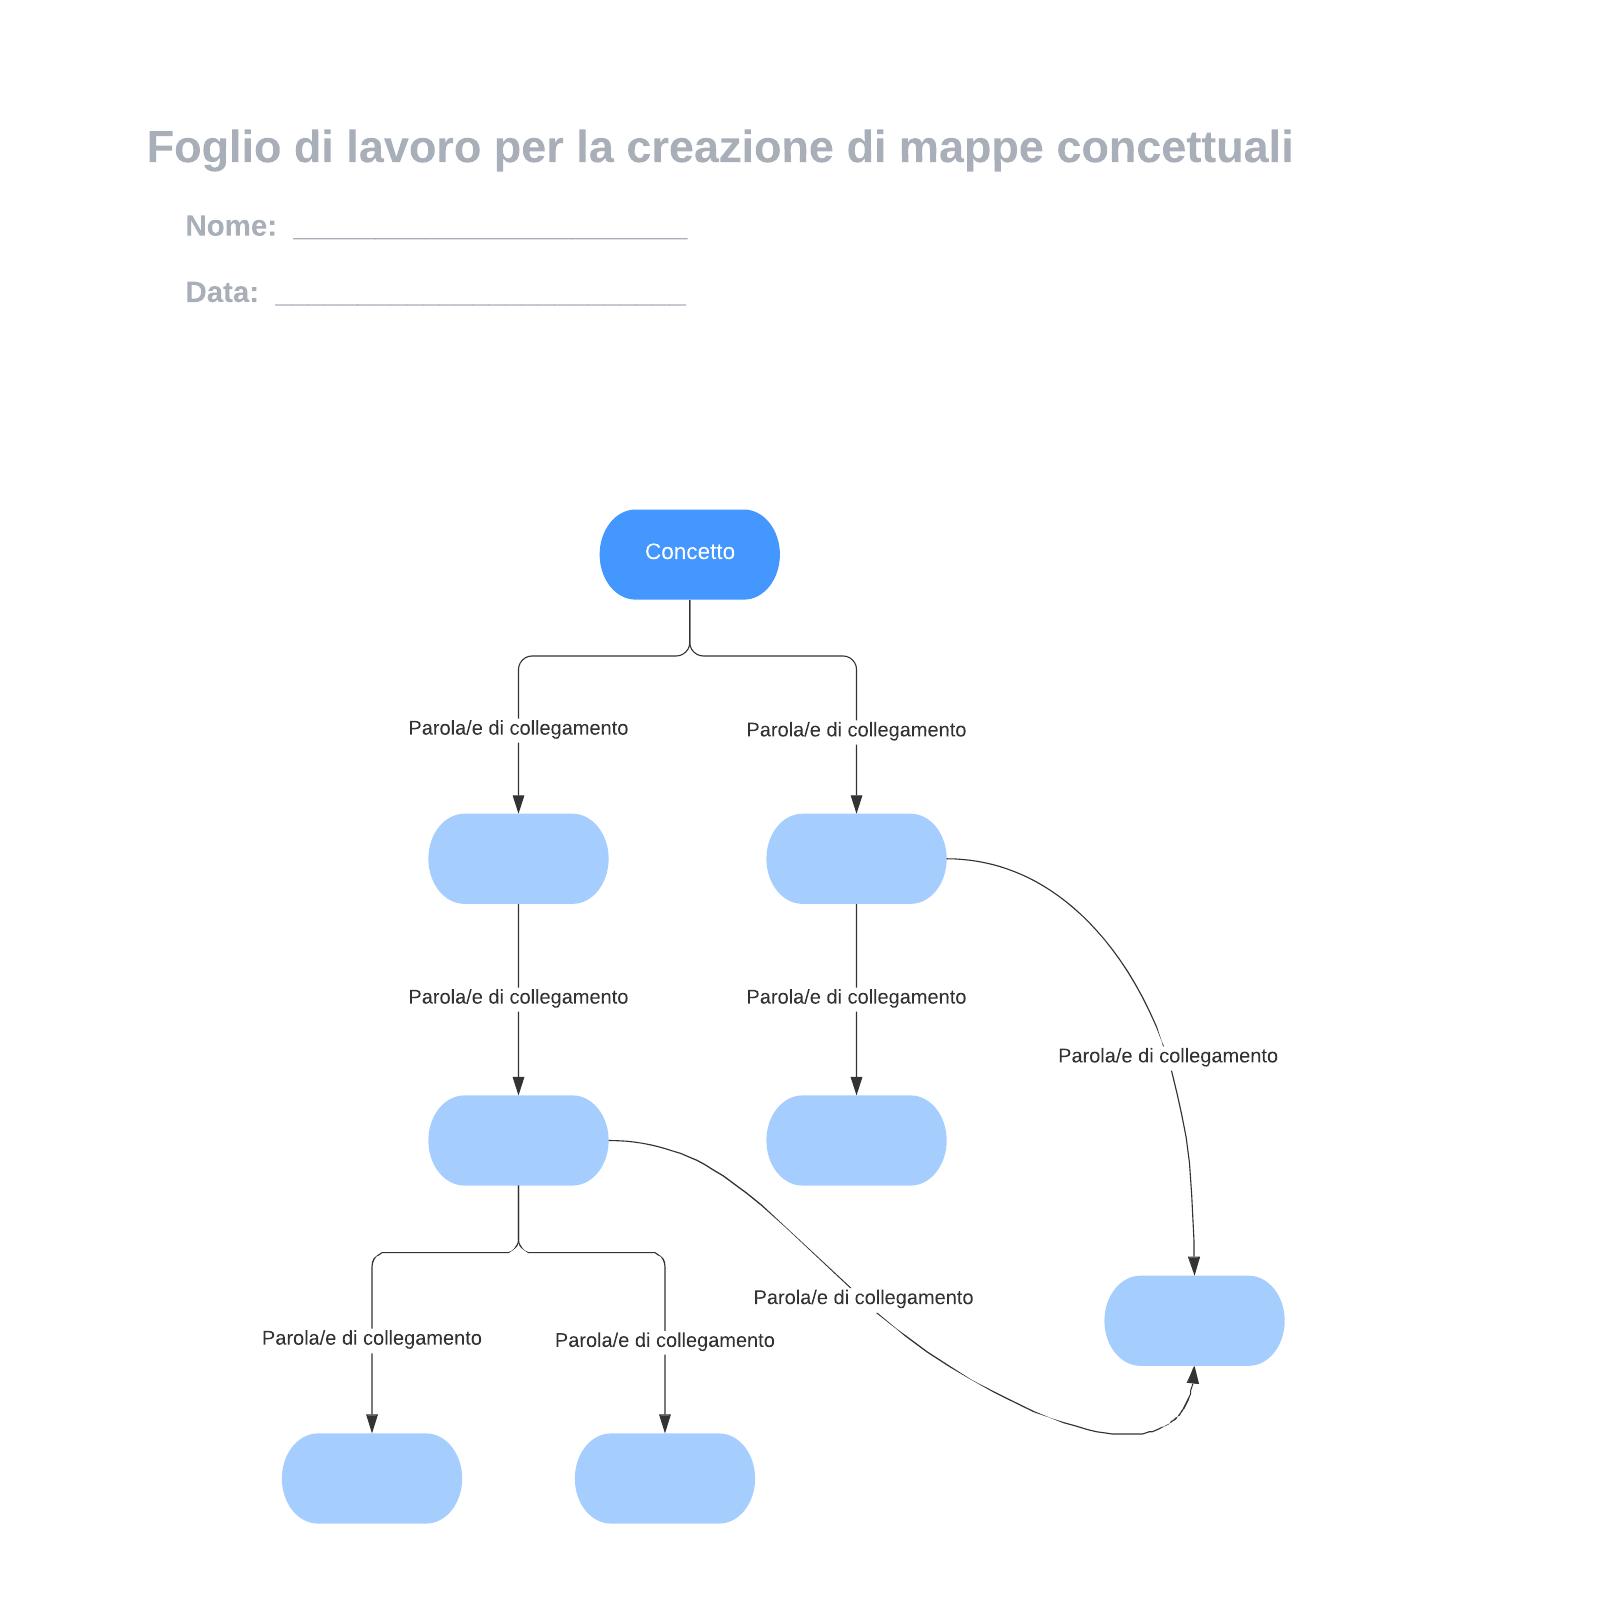 Foglio di lavoro per la creazione di mappe concettuali